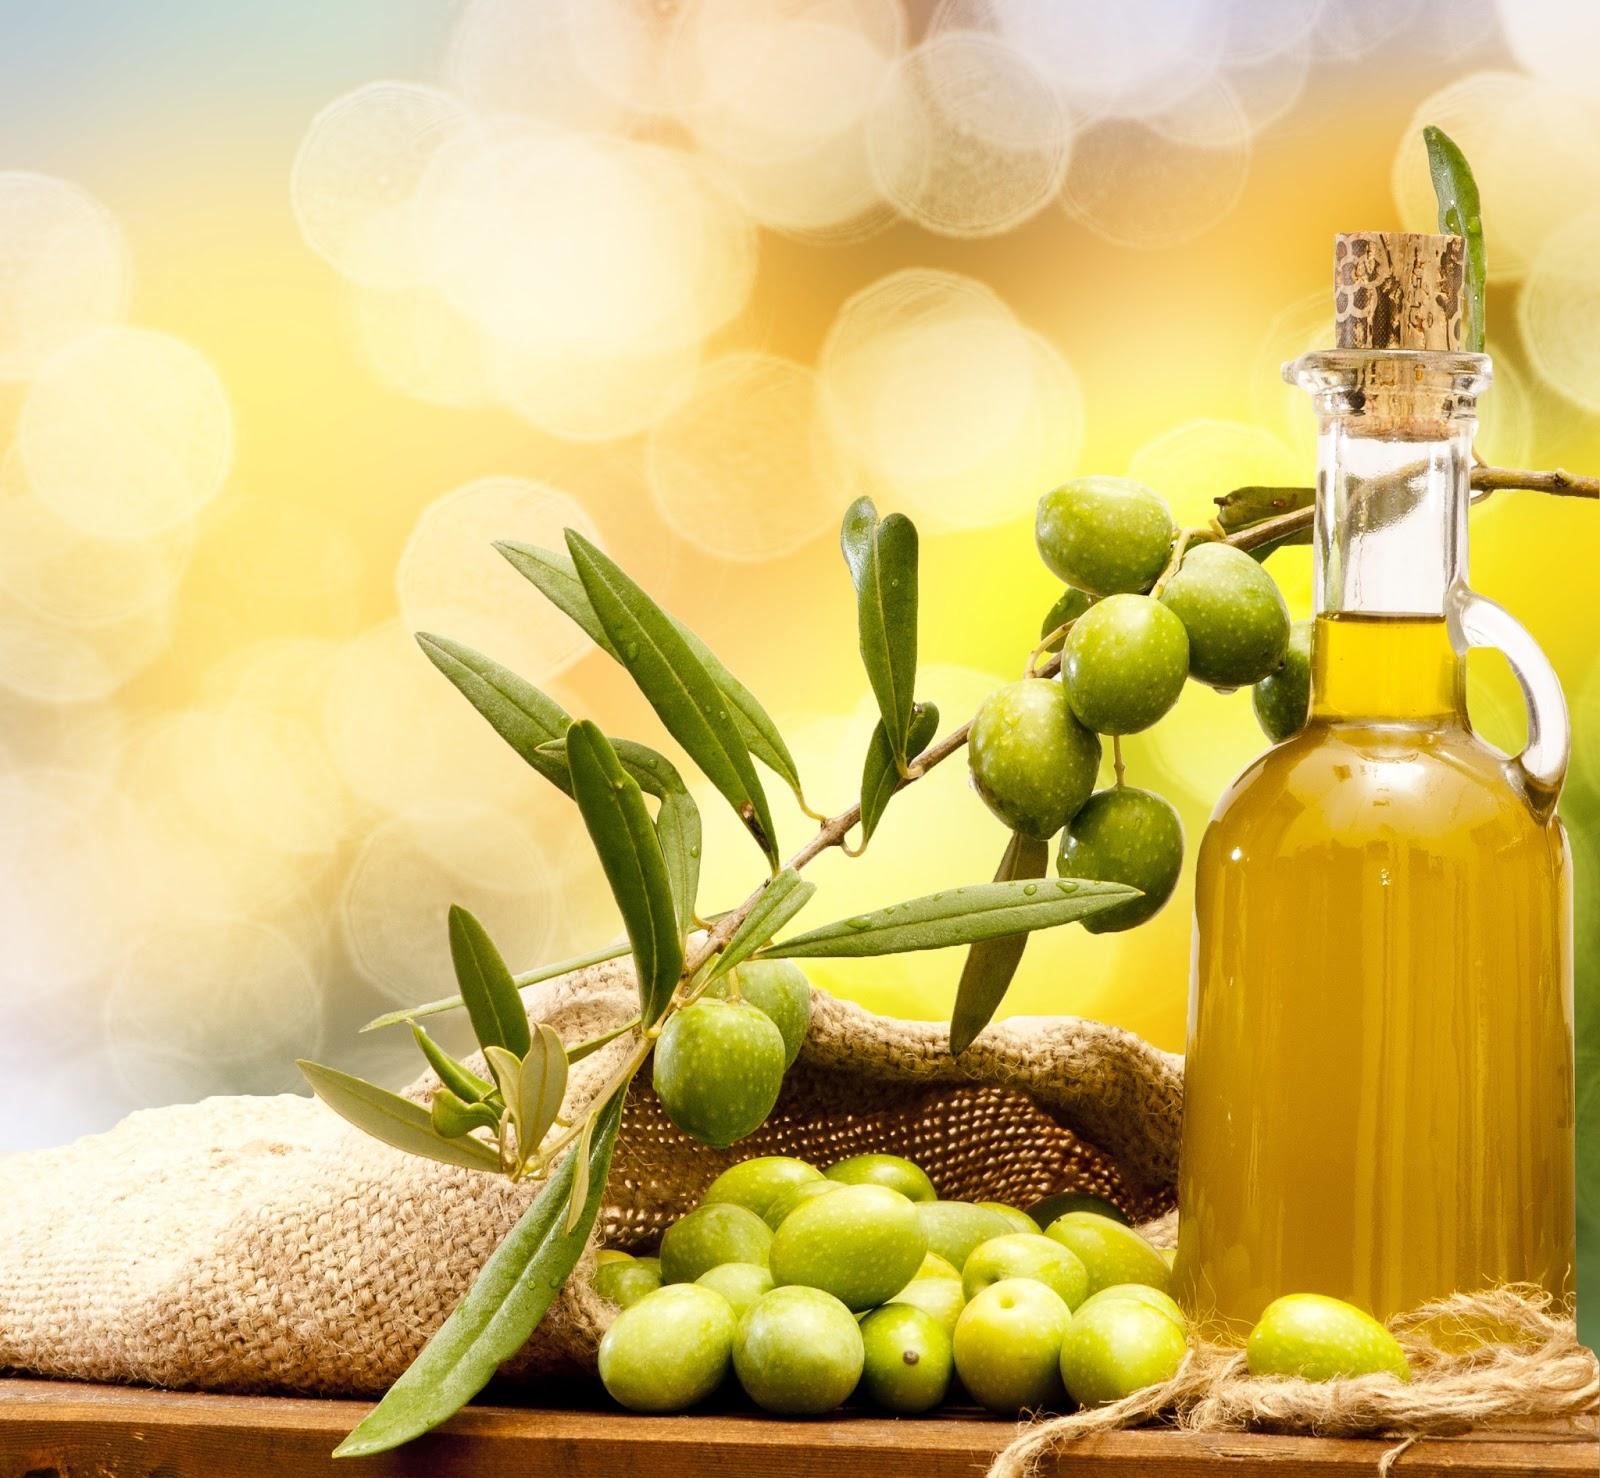 Hình ảnh 7 cách dưỡng da mặt bằng dầu oliu đơn giản hiệu quả số 2